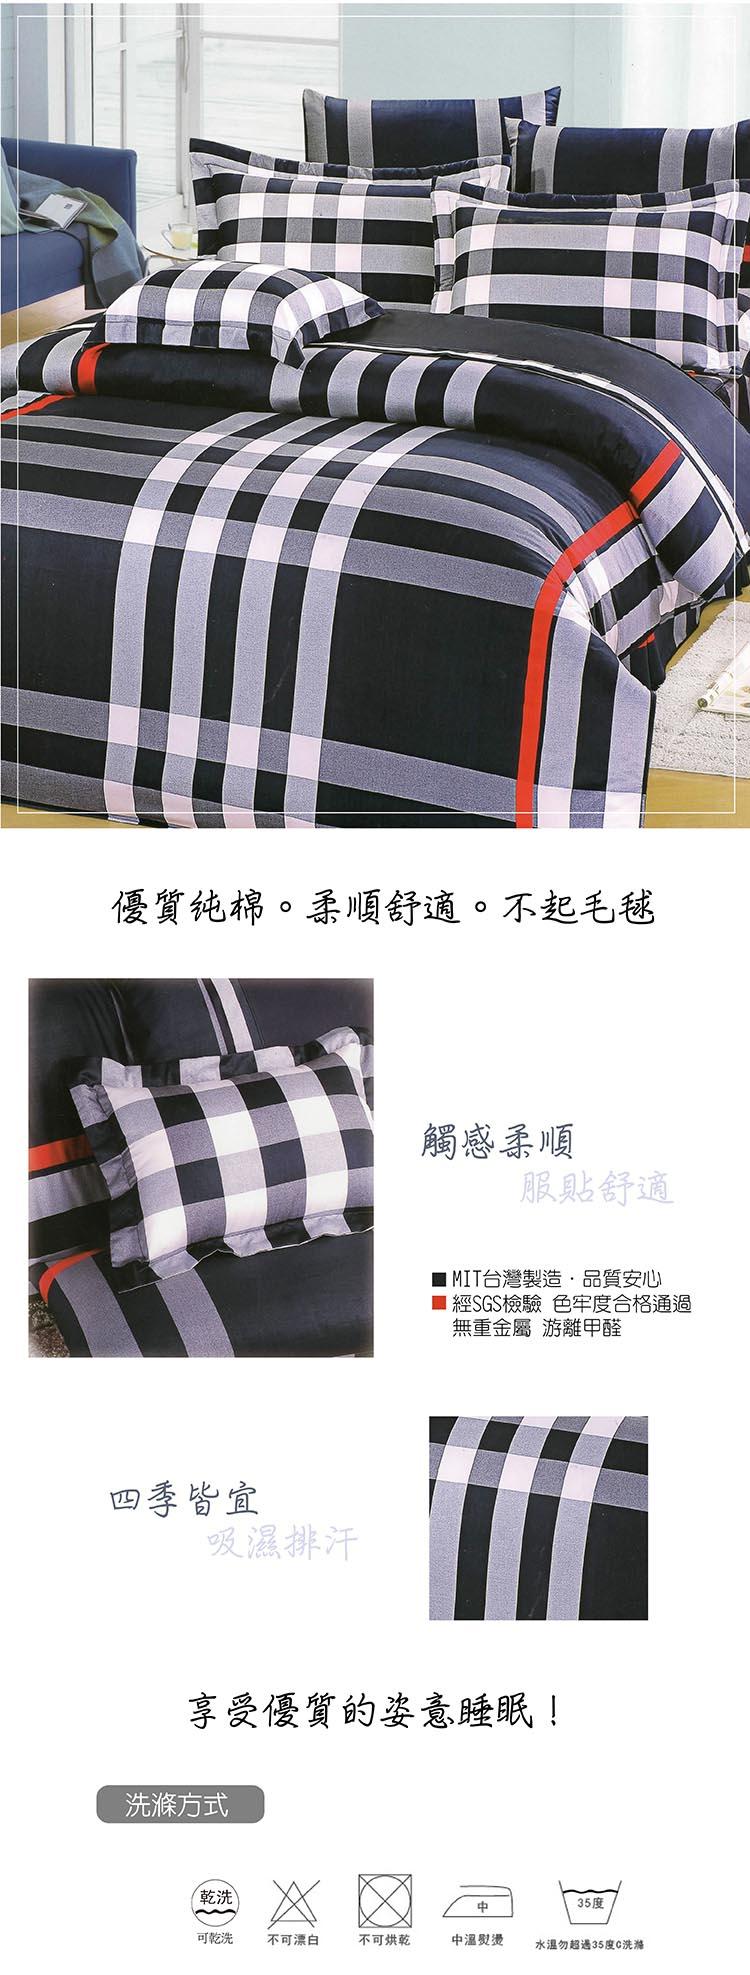 加大雙人7件式床罩組 (個性條紋)【專櫃精品、100%純綿、台灣製】# 寢國寢城 1